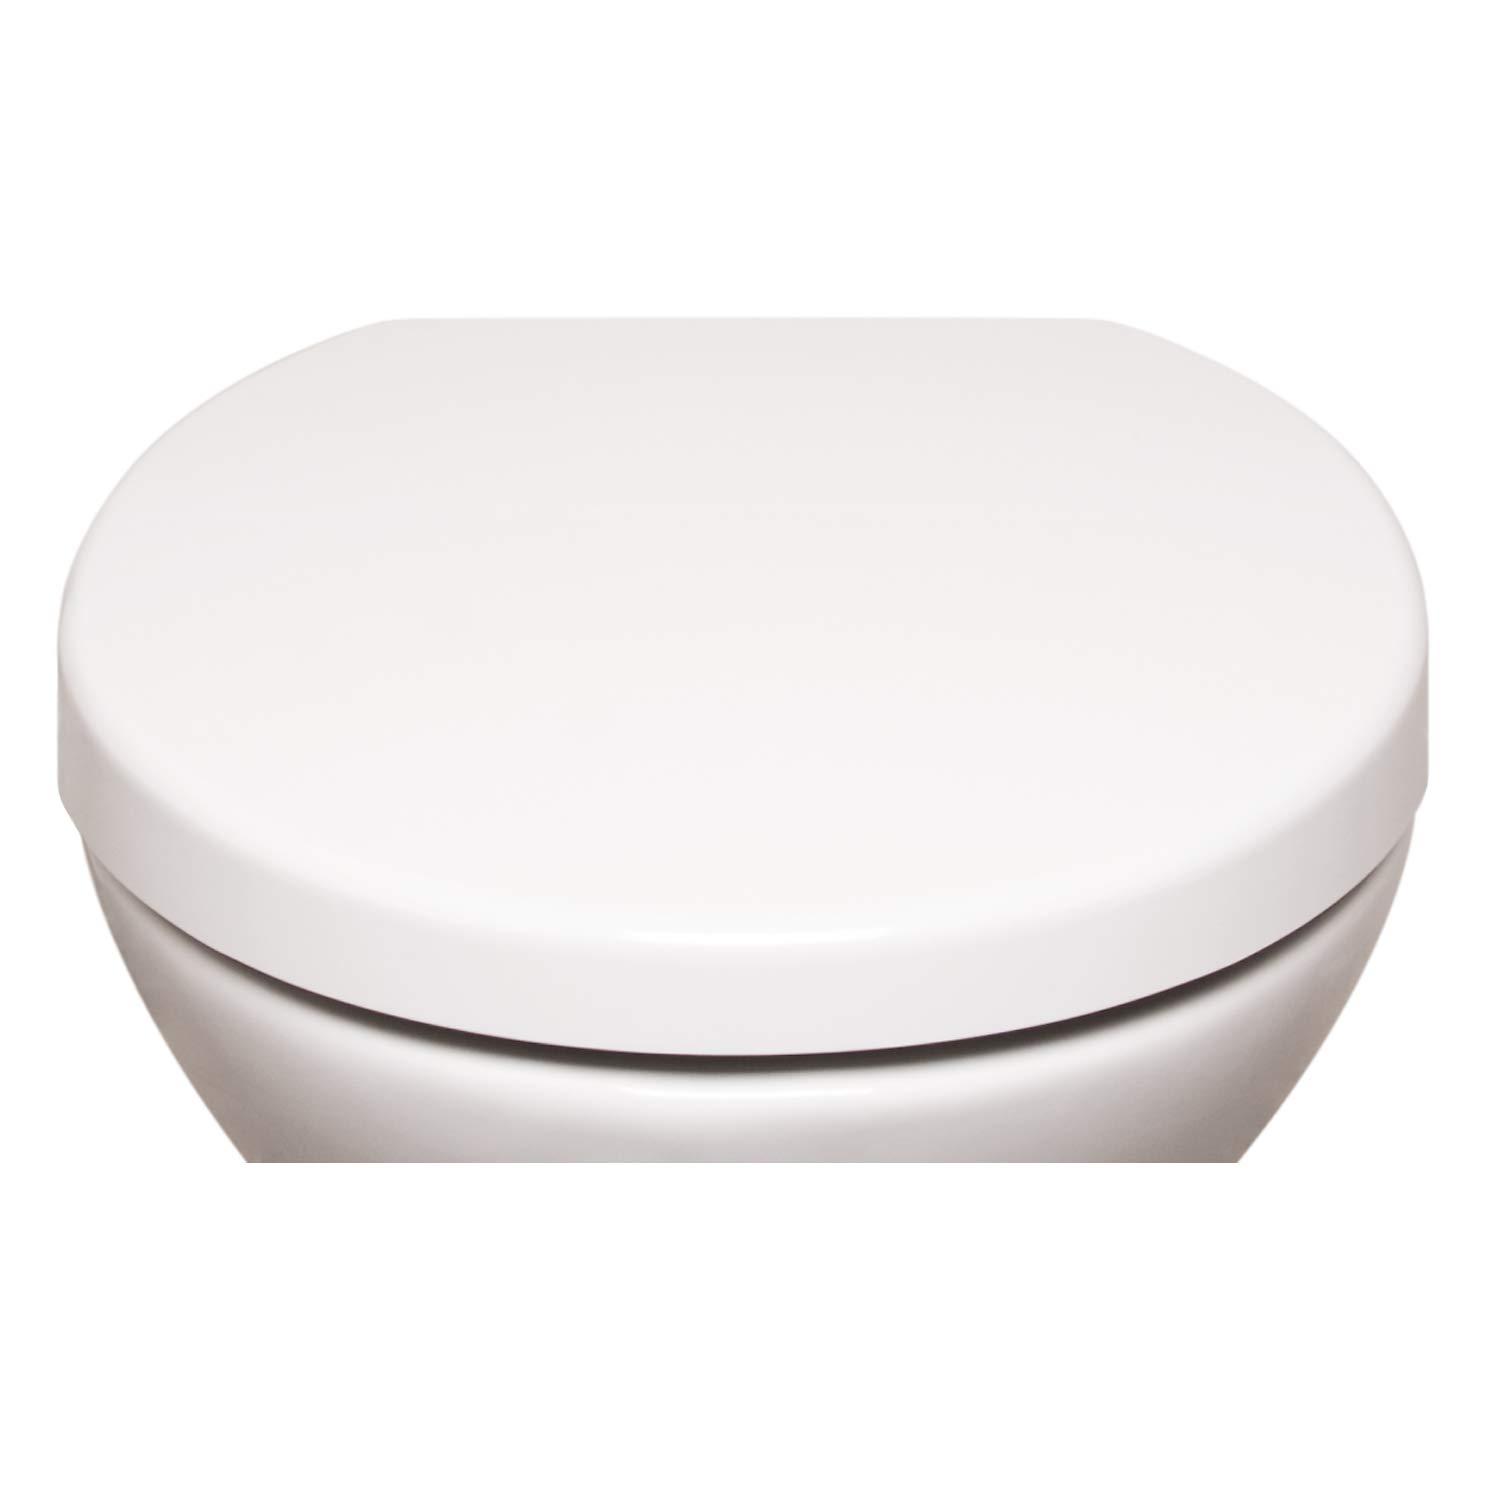 Bullseat 2.1 WC Sitz mit Absenkautomatik in weiß